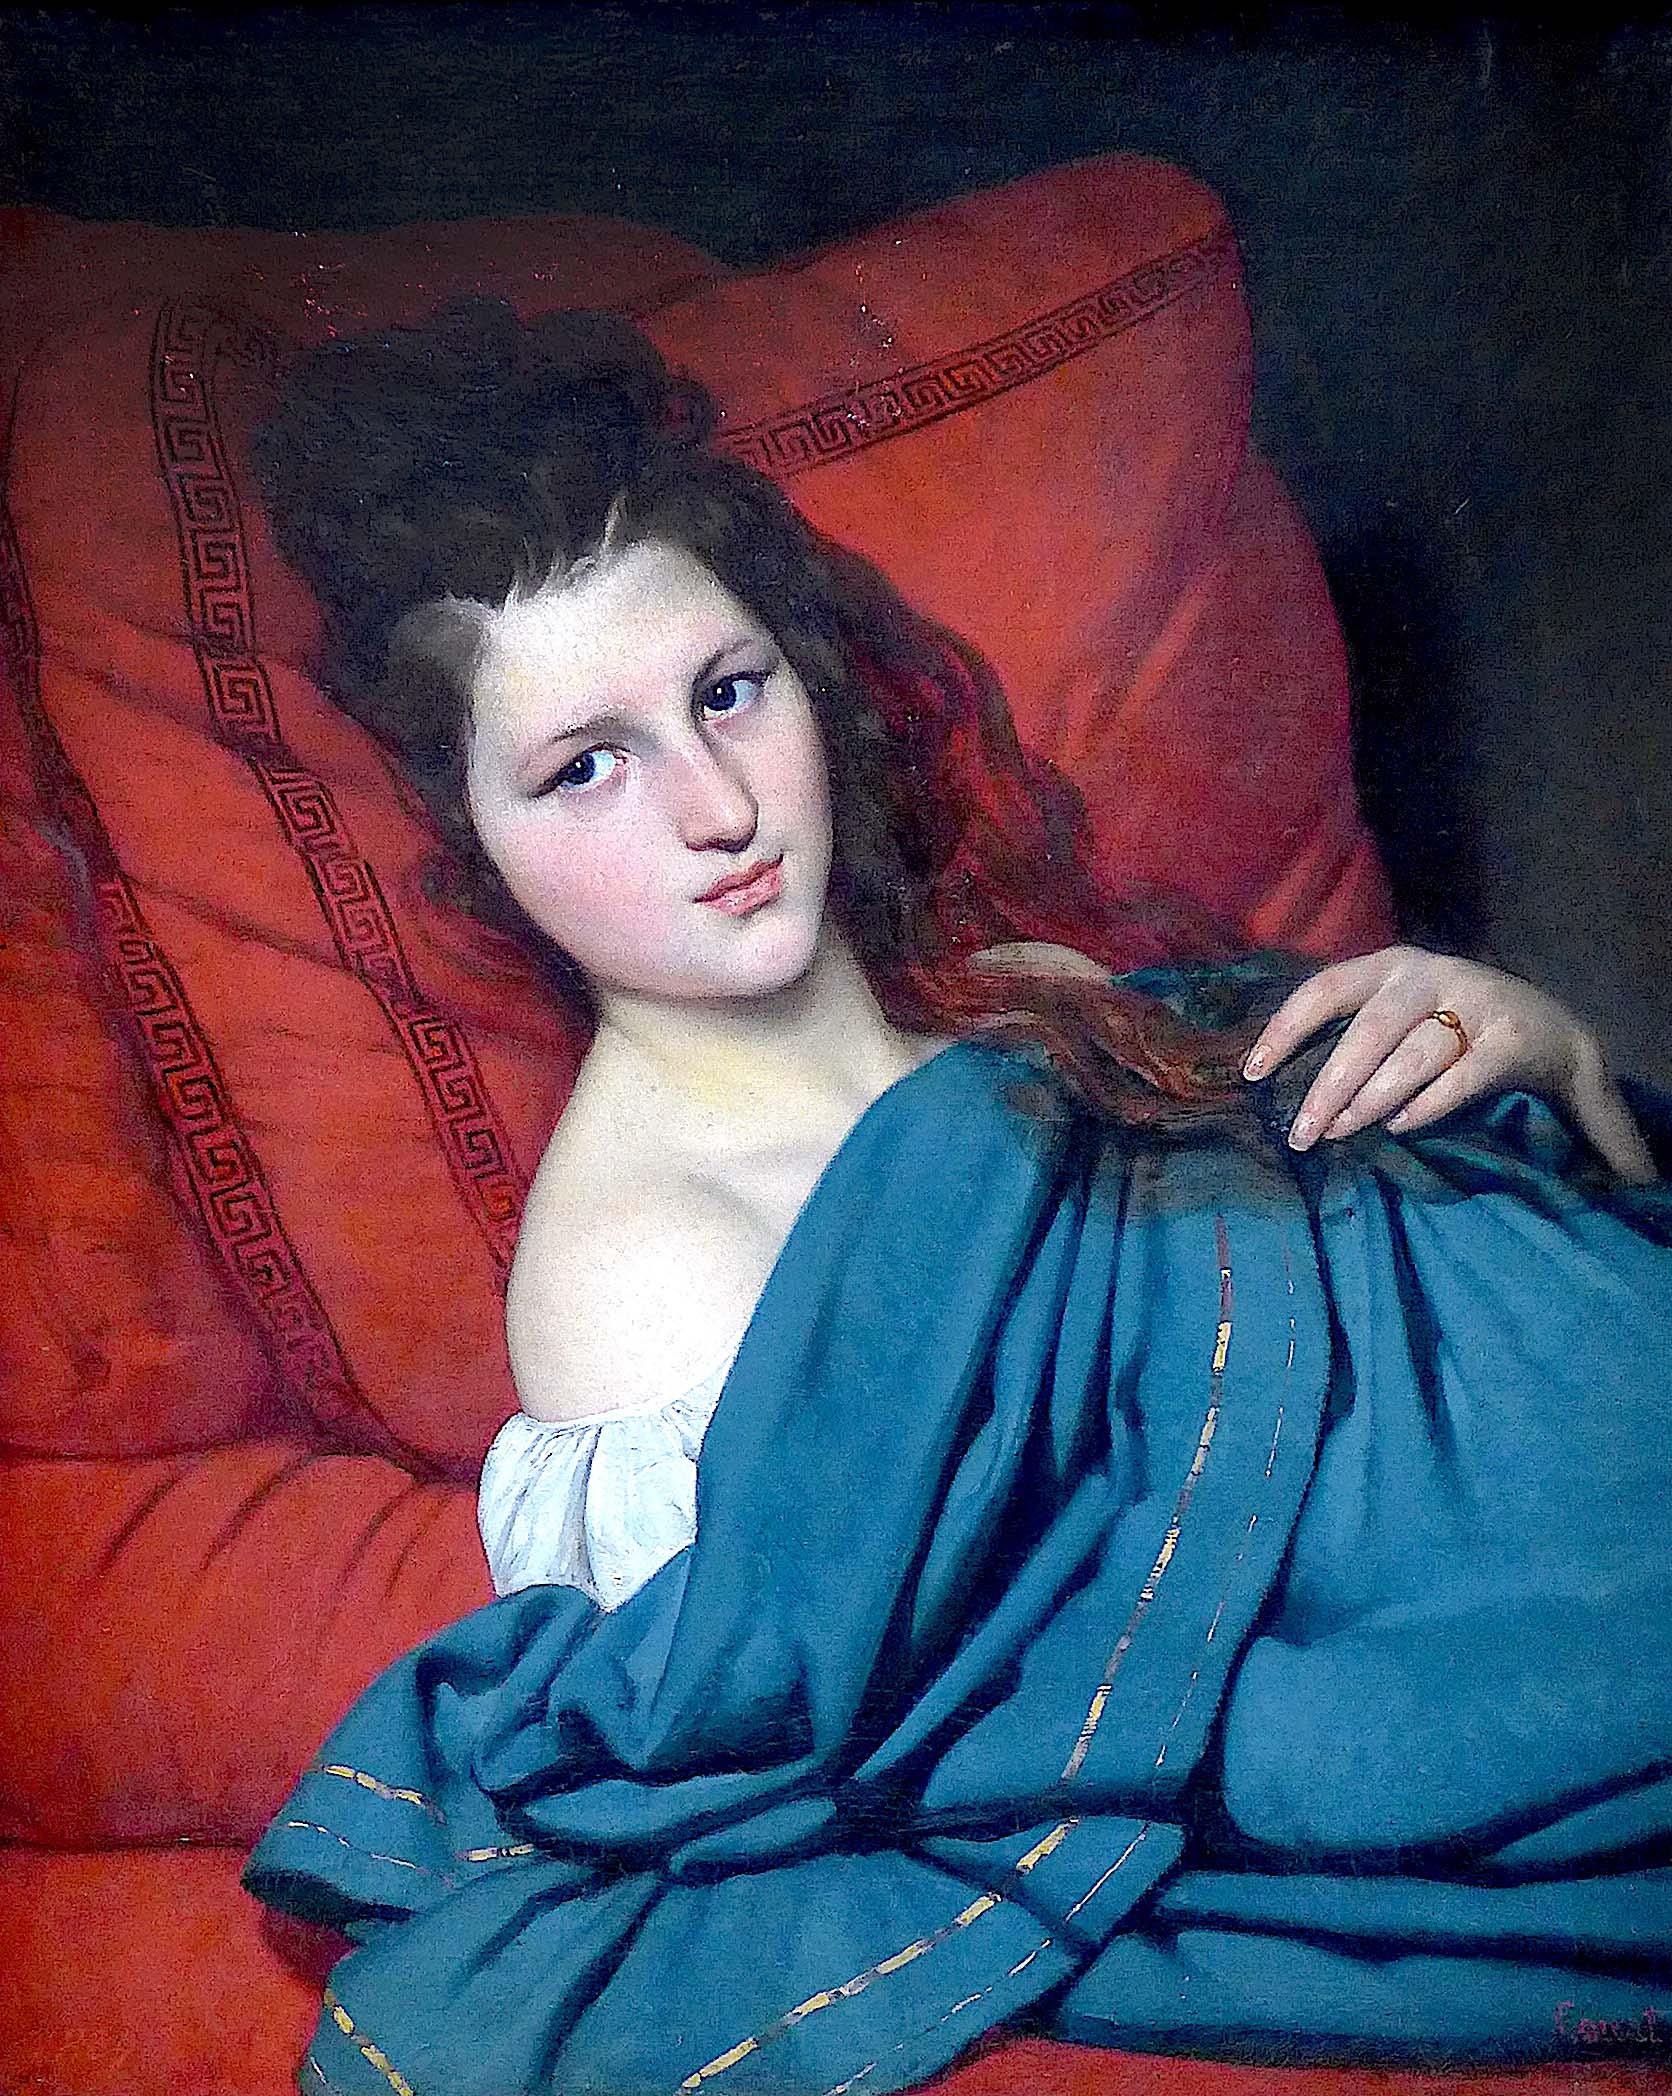 Petit Palais | Paris romantique 1815-1848 | La nouvelle Athènes | Femme à mi-corps couchée sur un divan (1829), Joseph-Désiré Court (1792-1865)